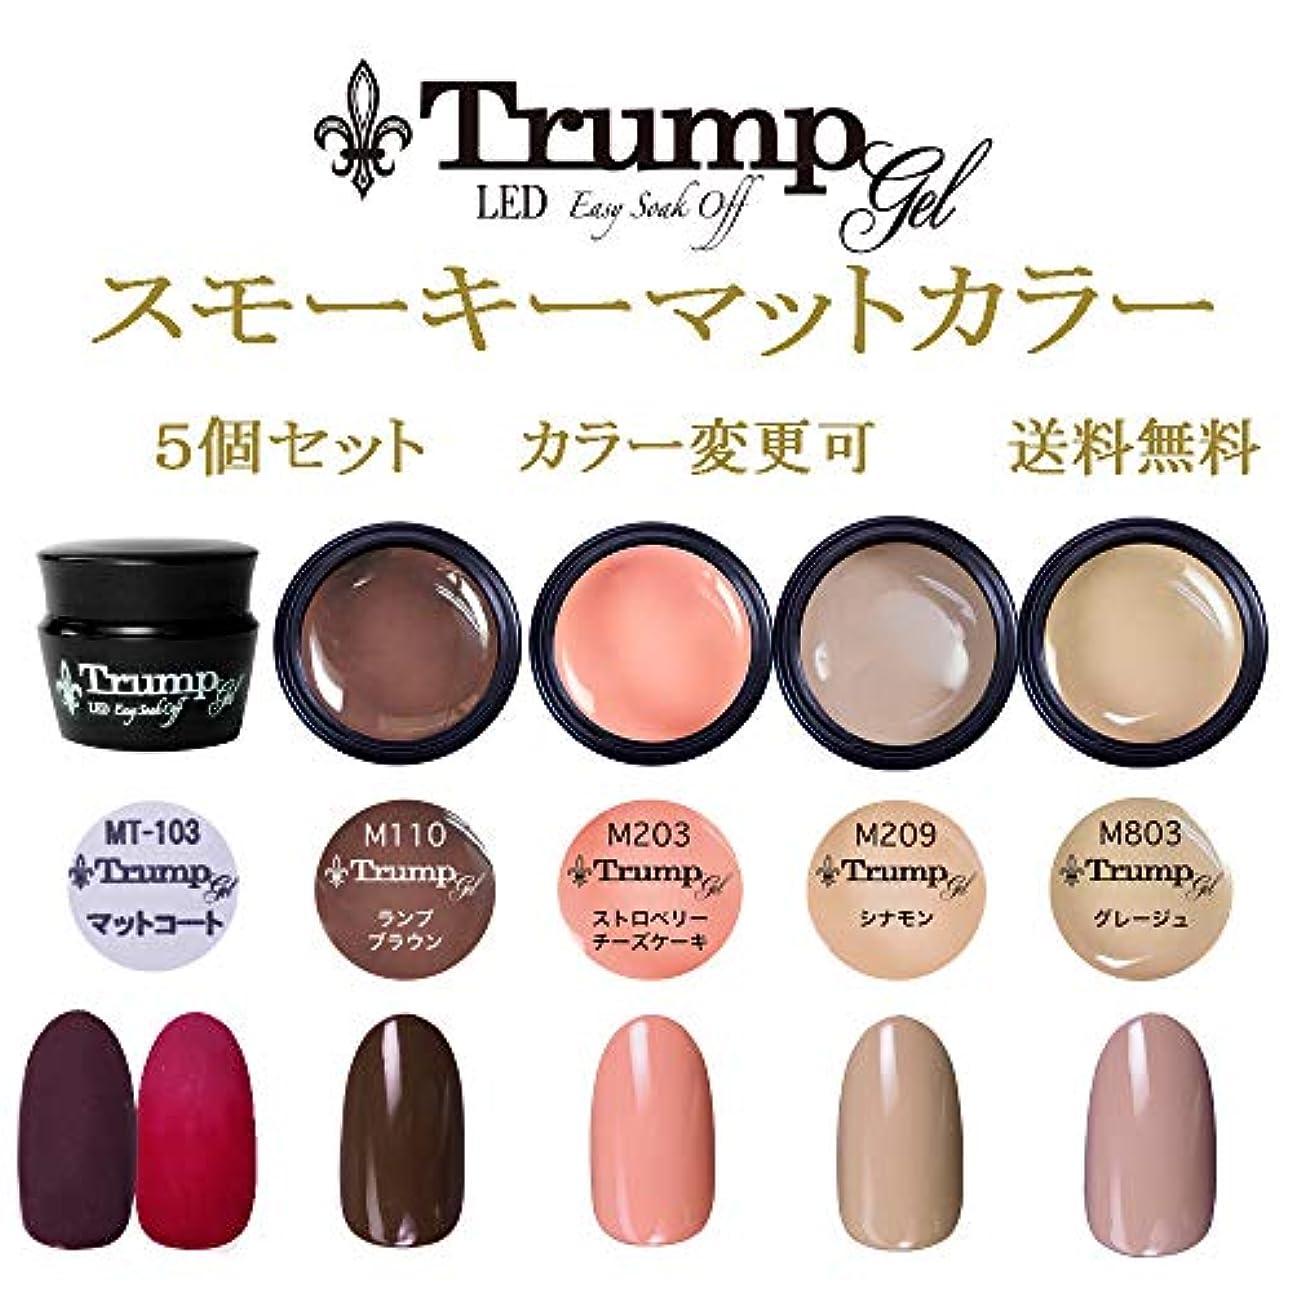 フィクション内向きぼかす【送料無料】日本製 Trump gel トランプジェル スモーキーマット カラージェル 5個セット 魅惑のフロストマットトップとマットに合う人気カラーをチョイス